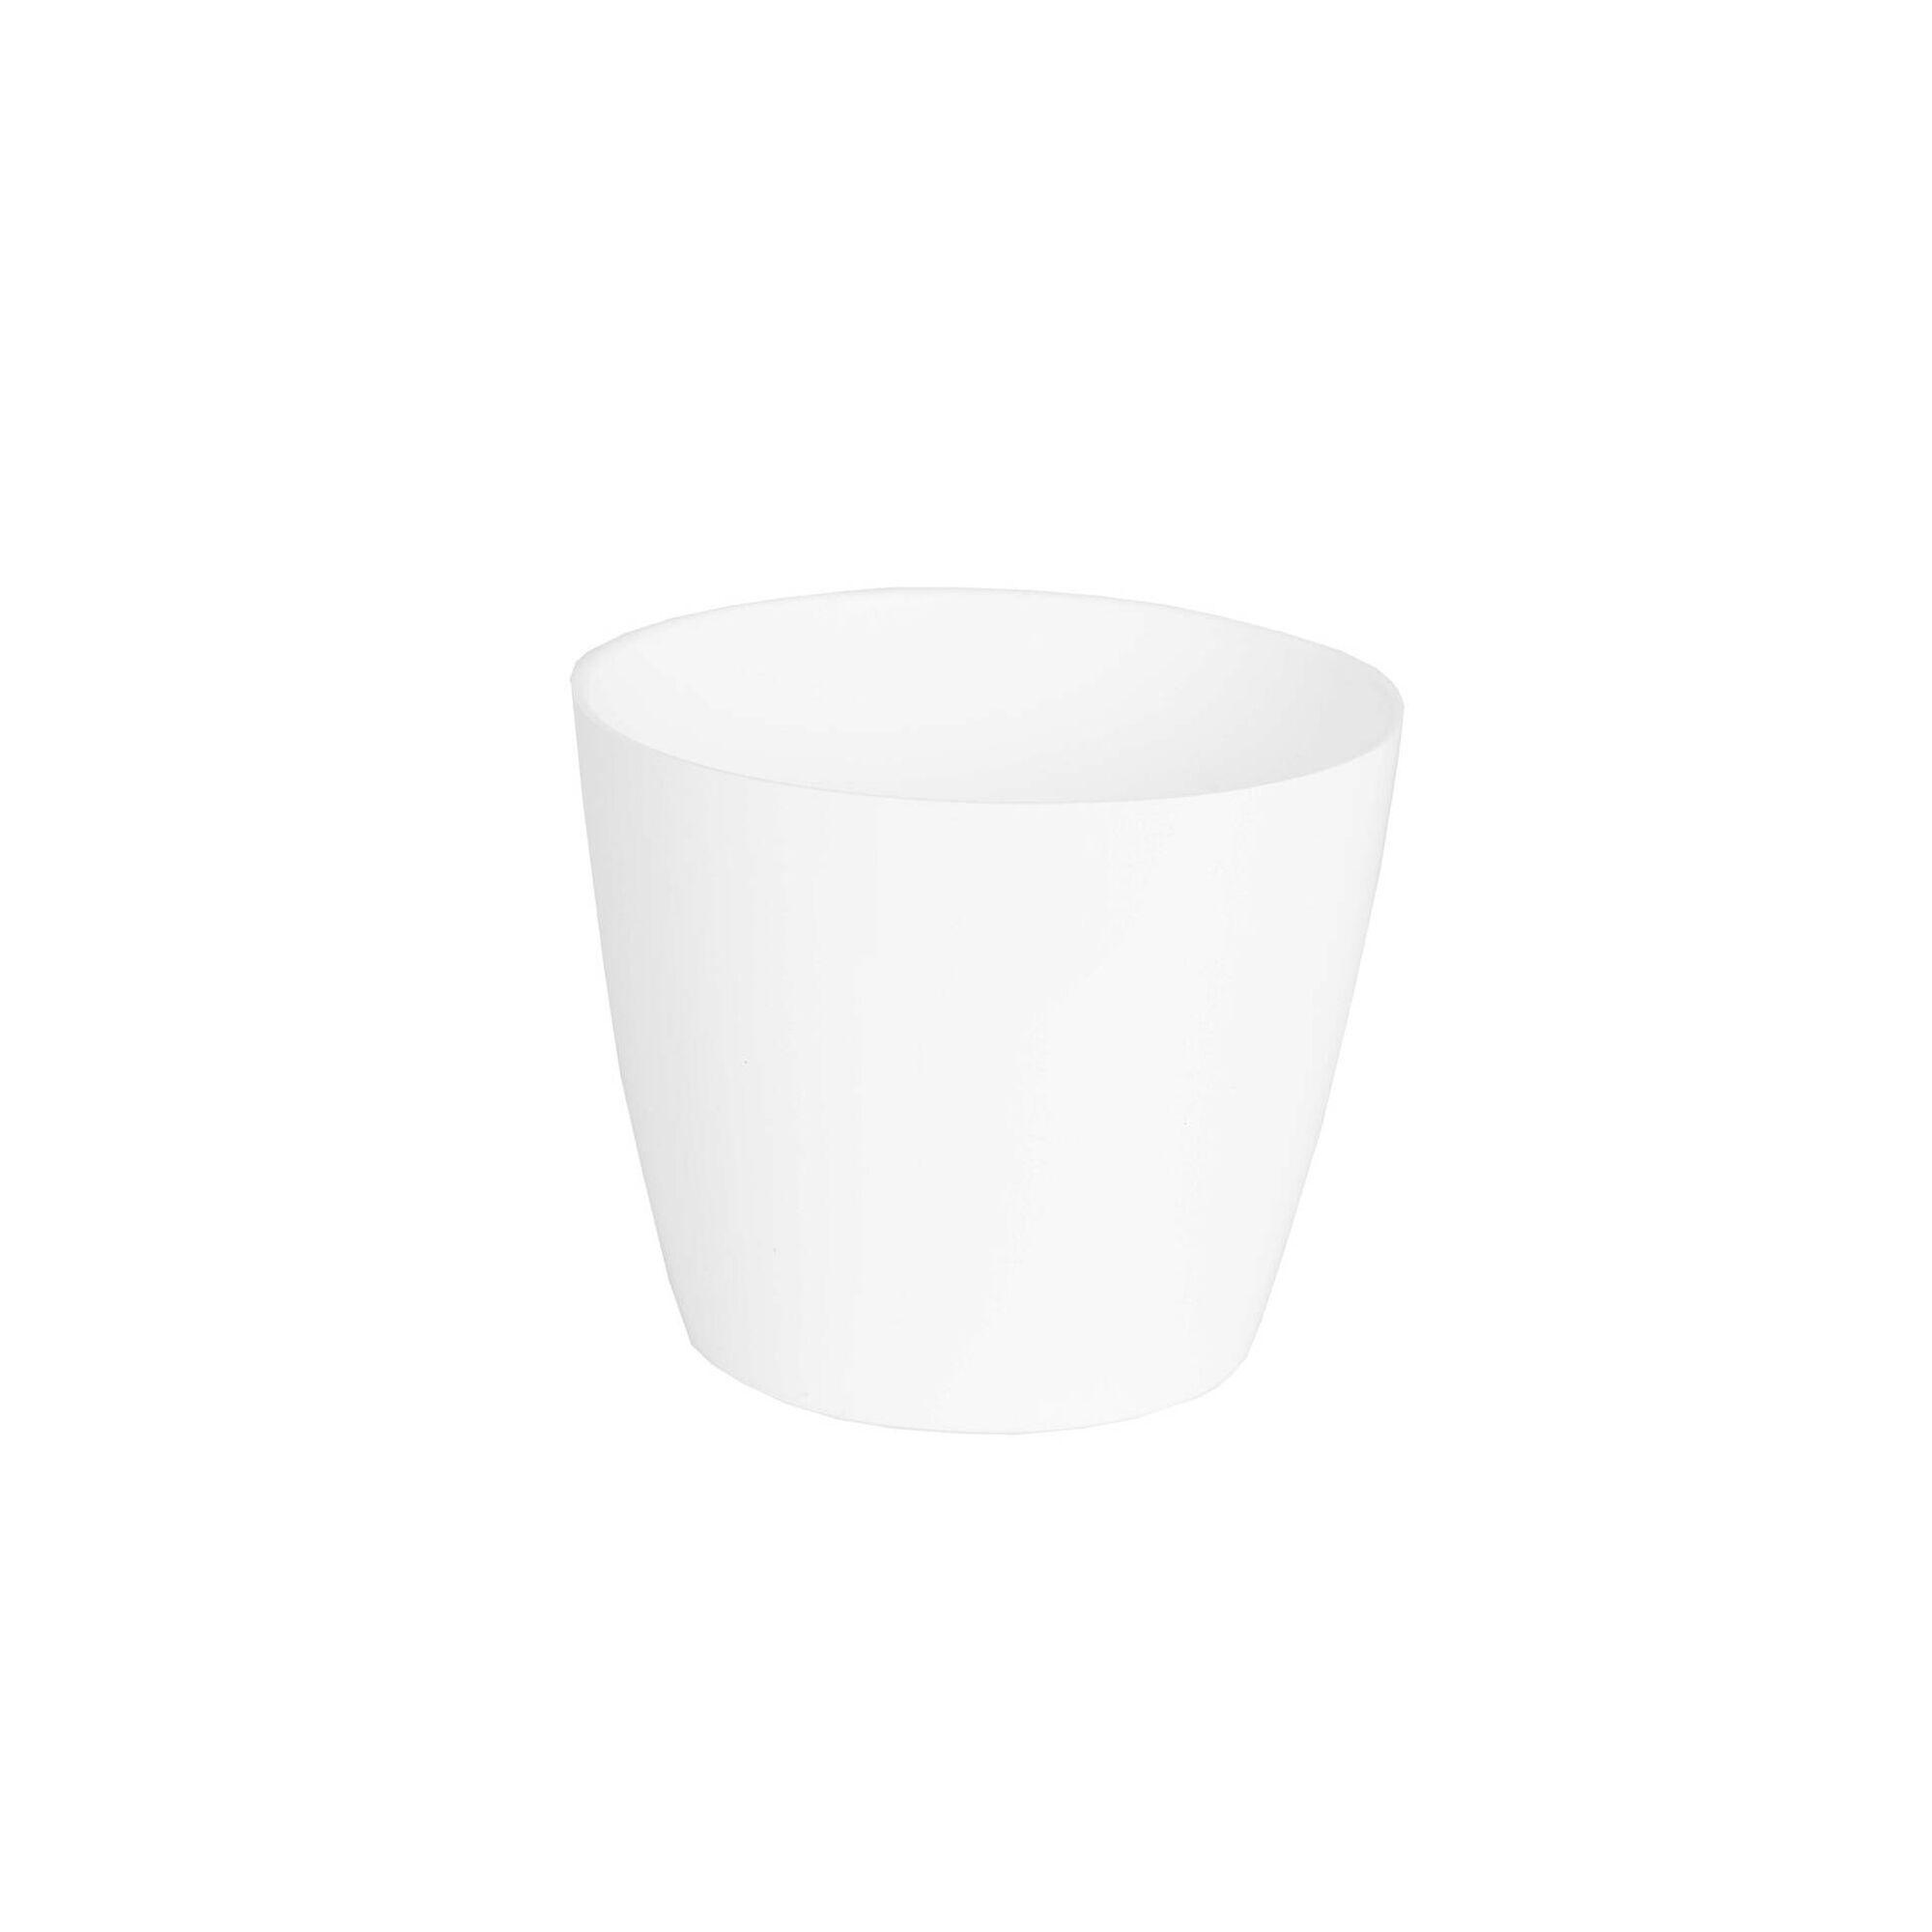 Vaso Redondo Plástico 8cm Branco